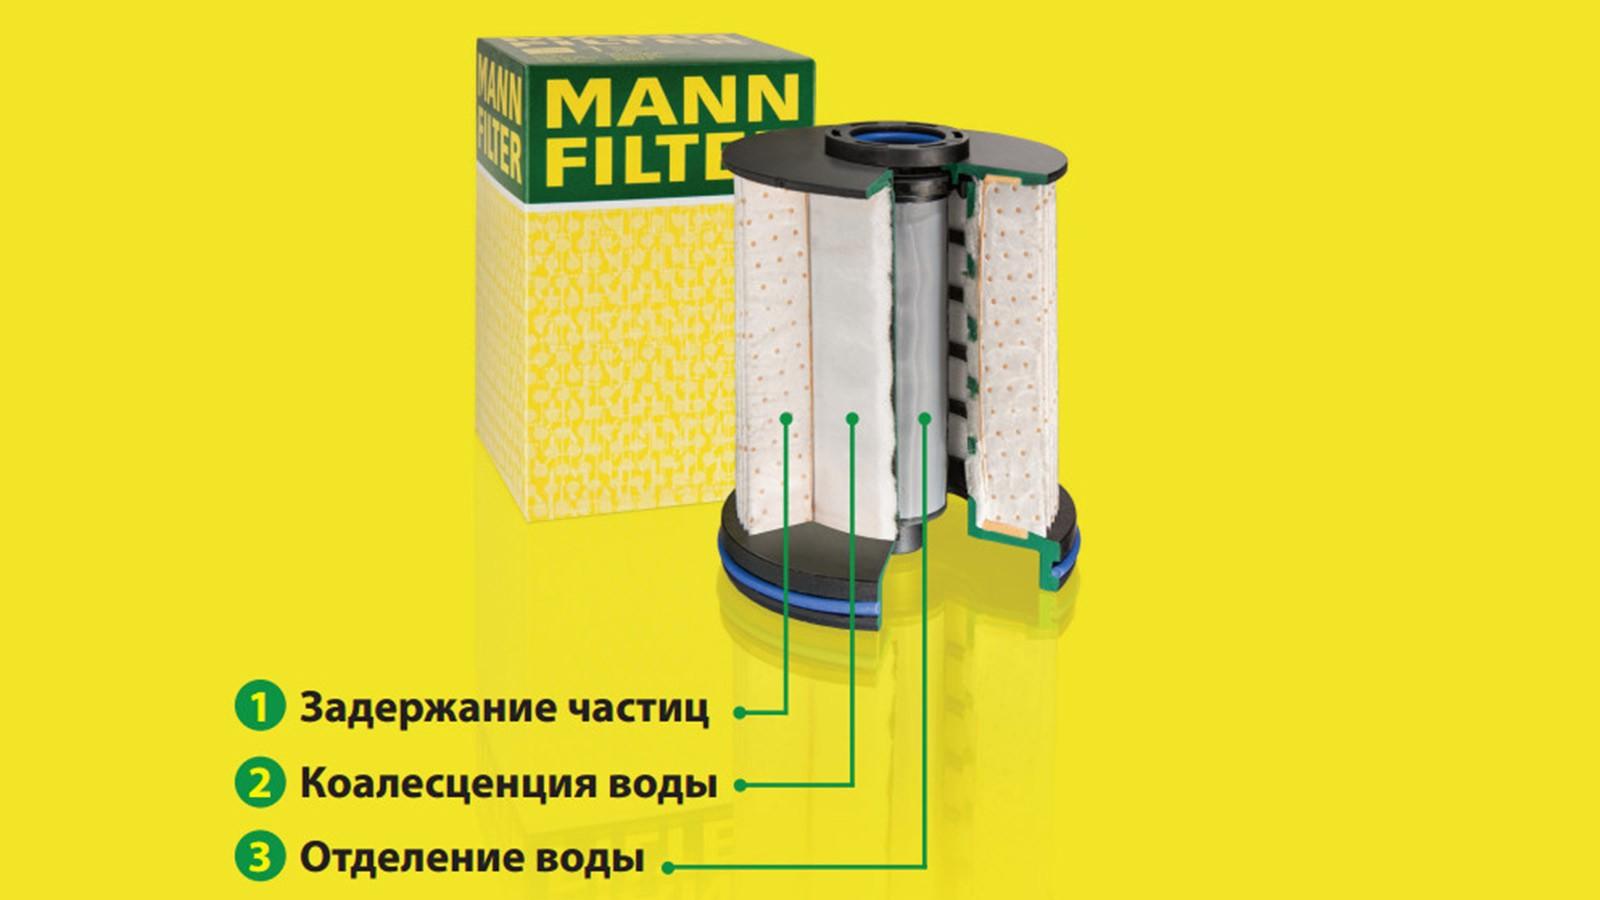 MANN-FILTER-4